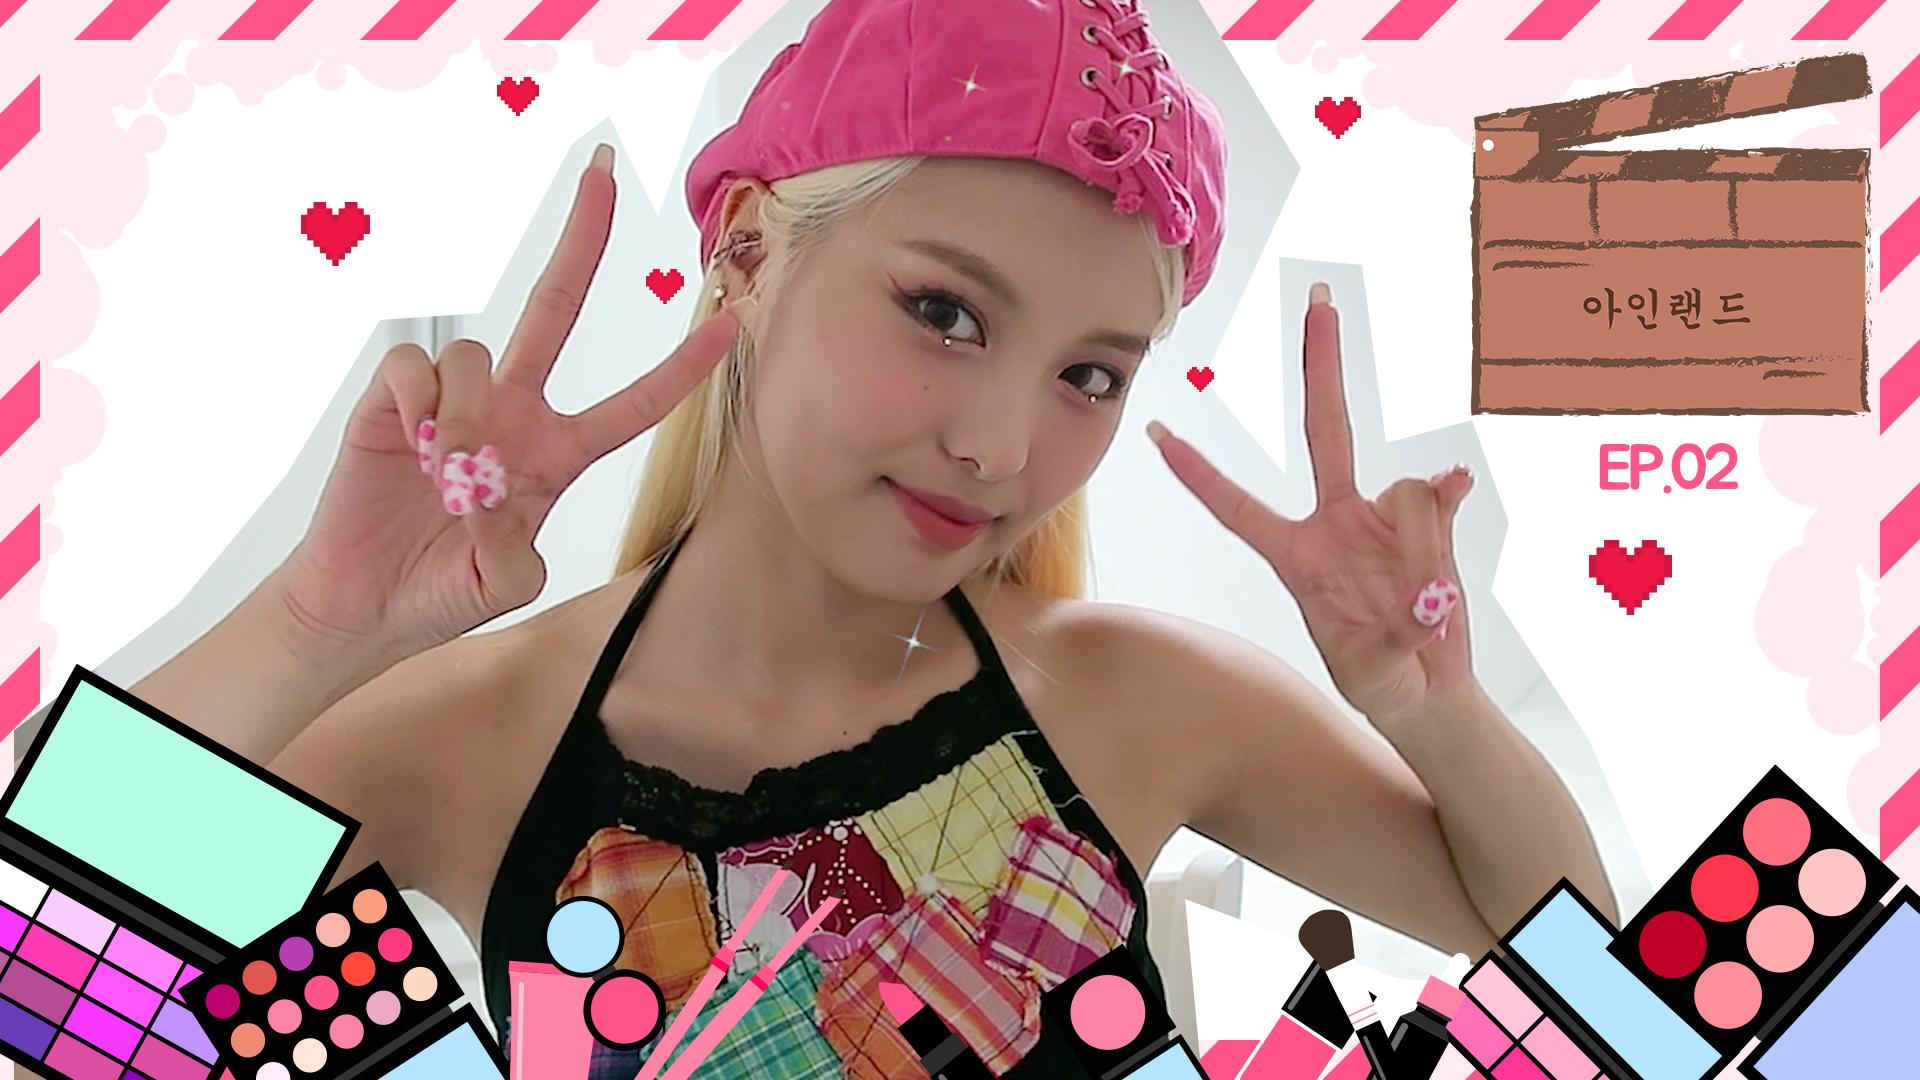 [아인랜드🎬] EP.2 아인이의 블링, 큐티 메이크업💄‼/ SHINY, CUTE MAKEUP TUTORIAL💄‼